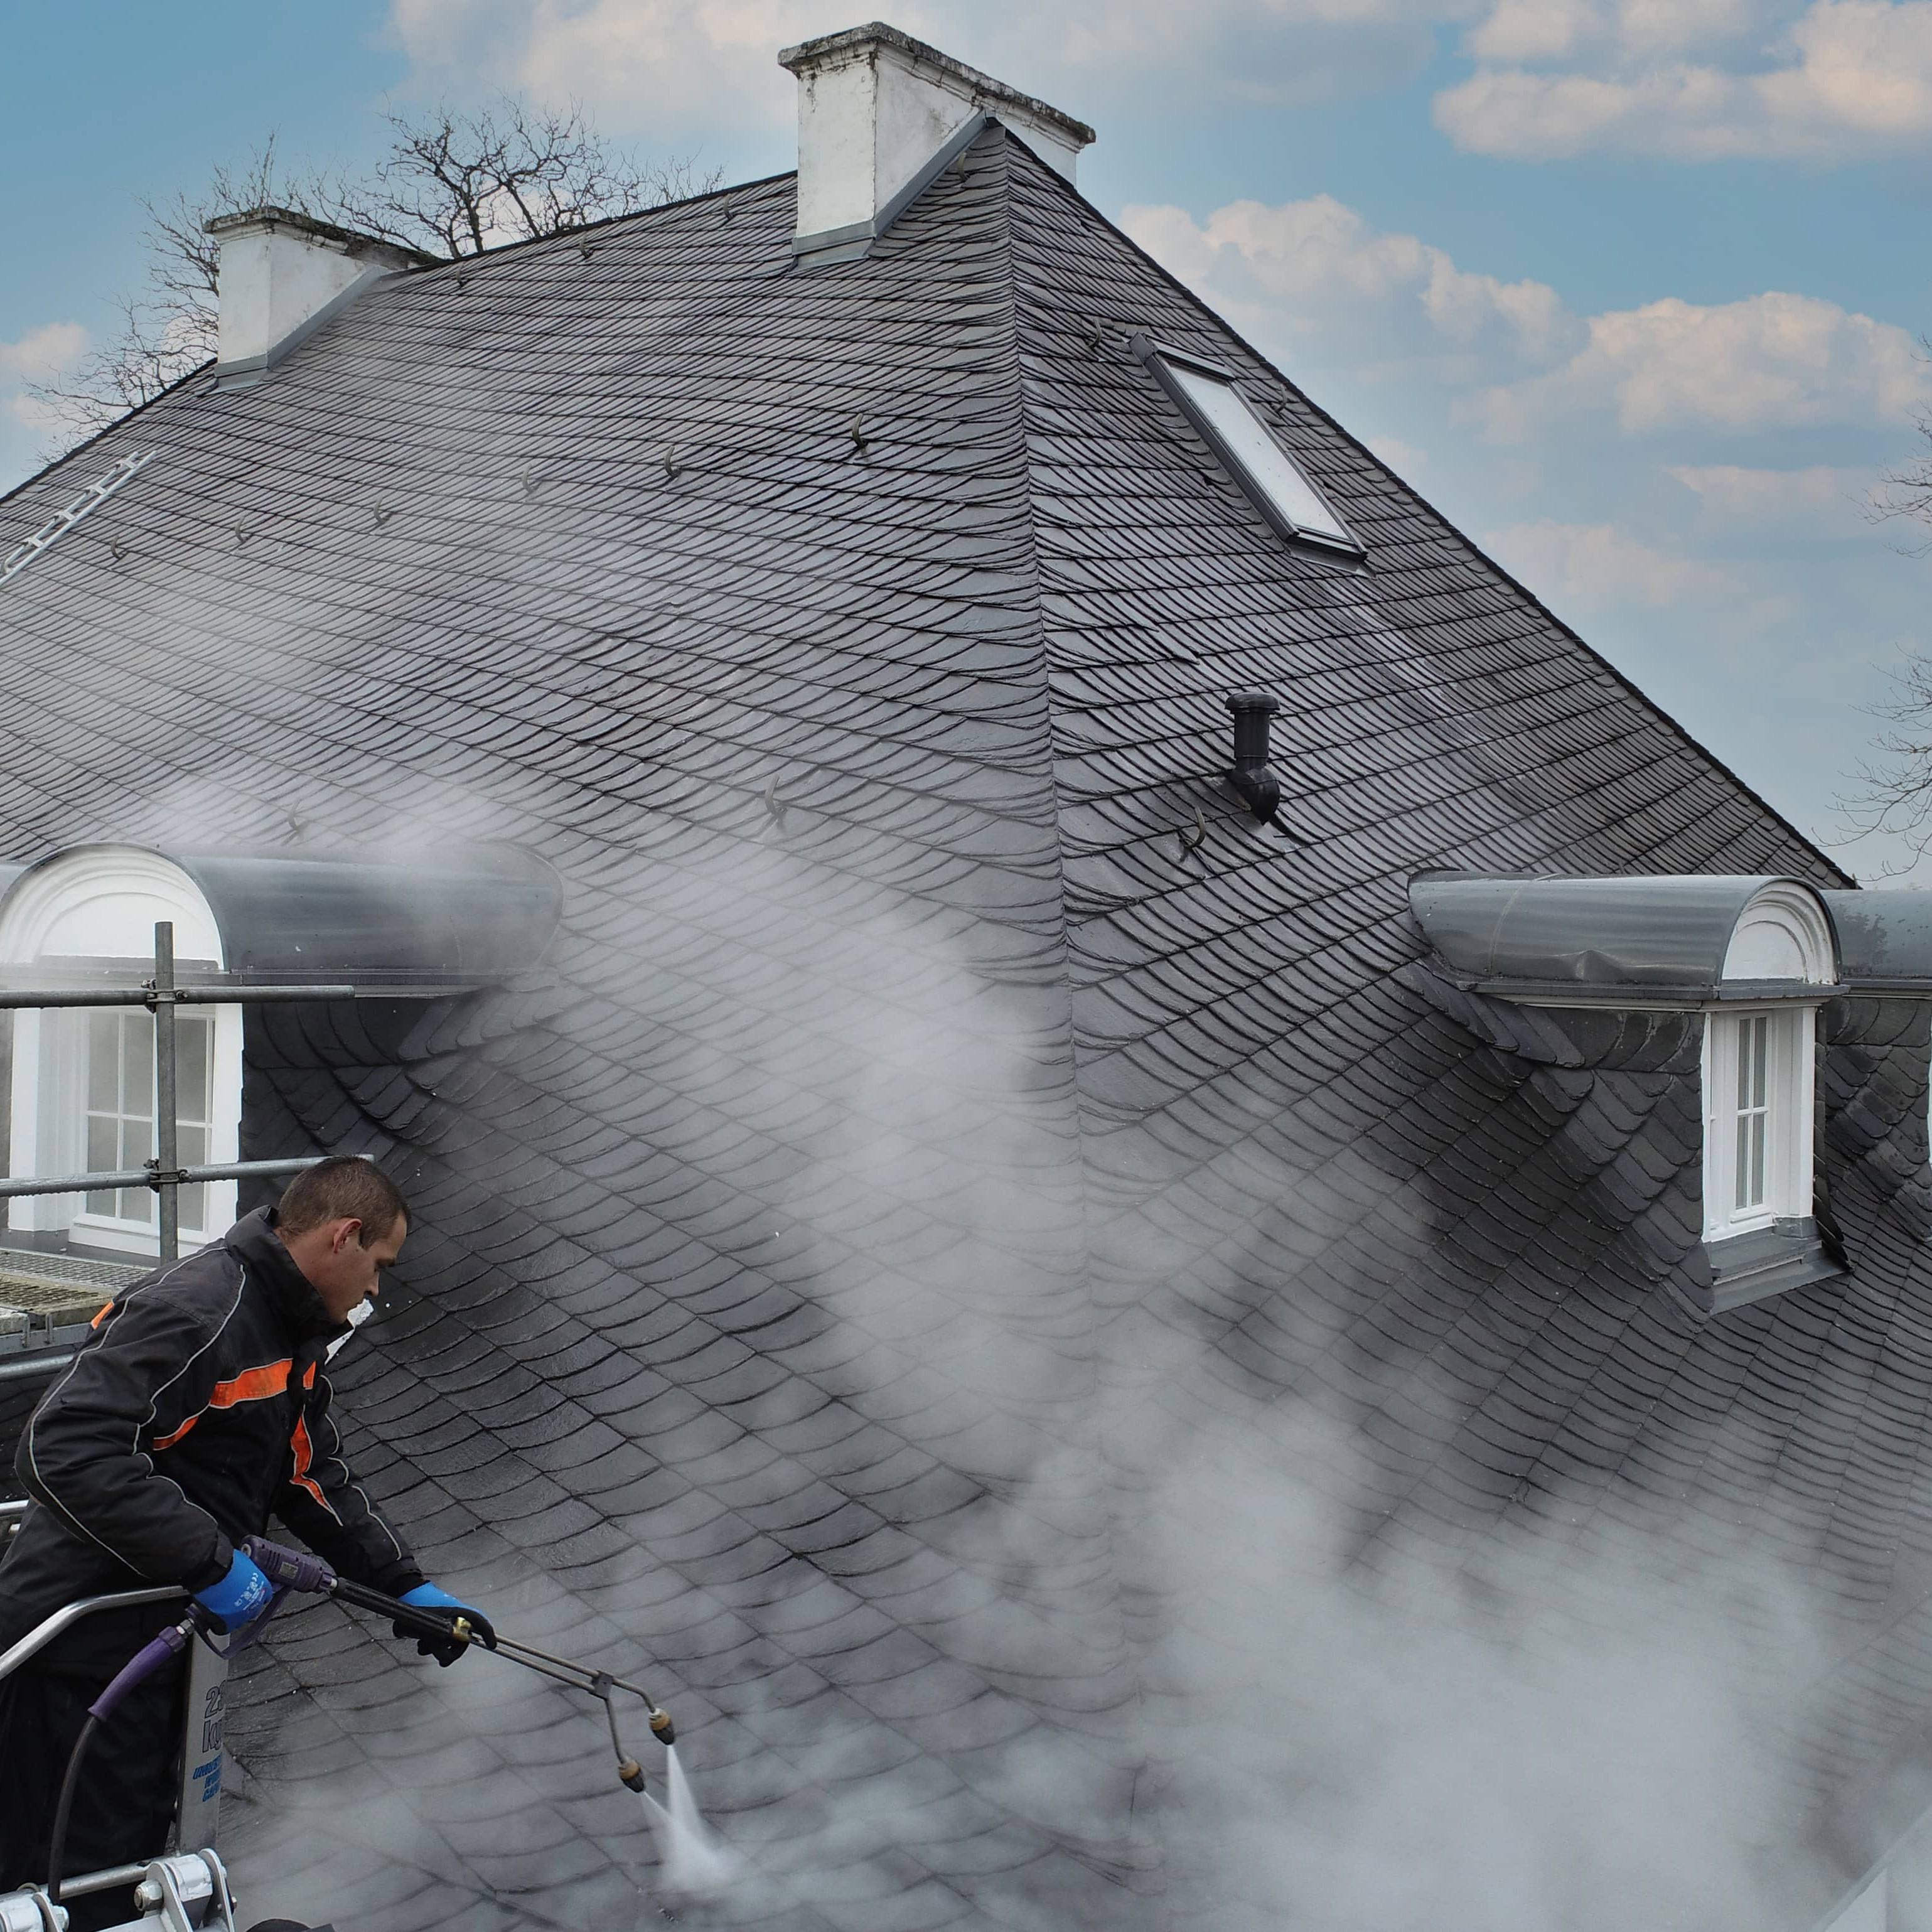 Das Bild zeigt zwei Dacharbeiter. Der eine Arbeiter im Vordergrund reinigt das Schieferdach mit einer speziellen Reinigungslanze.